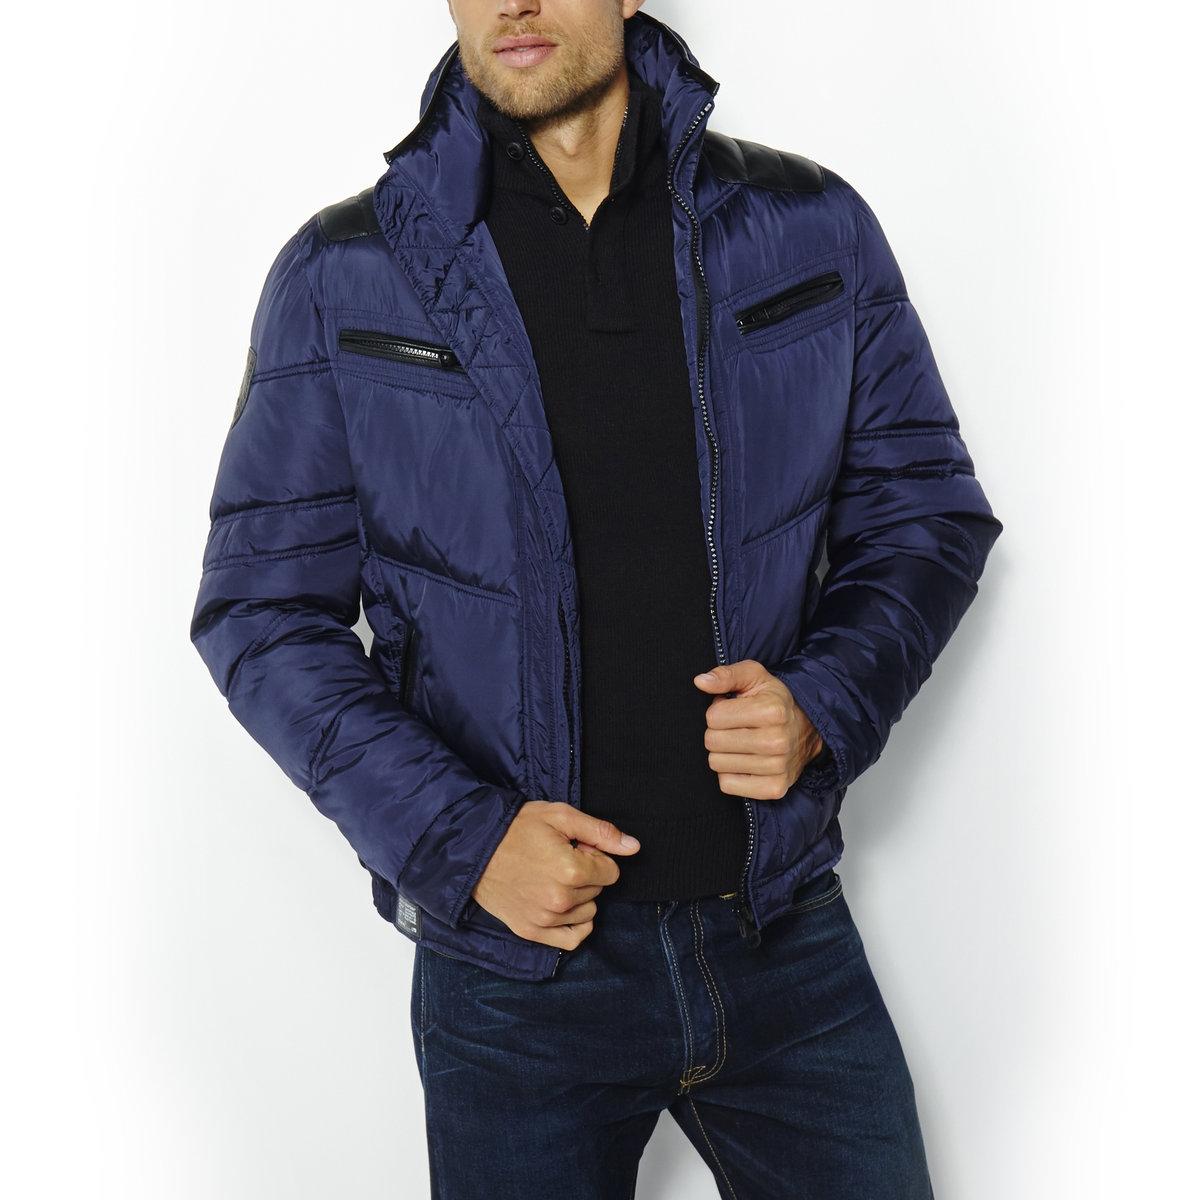 Куртка стеганая средней длины AIDEN NEPALСтеганая куртка на молнии. 100% нейлона®.  Вставки на плечах. 4 кармана на молнии. Капюшон в воротнике. 2 внутренних кармана на молнии. Длина куртки ок: 65 см.<br><br>Цвет: темно-синий